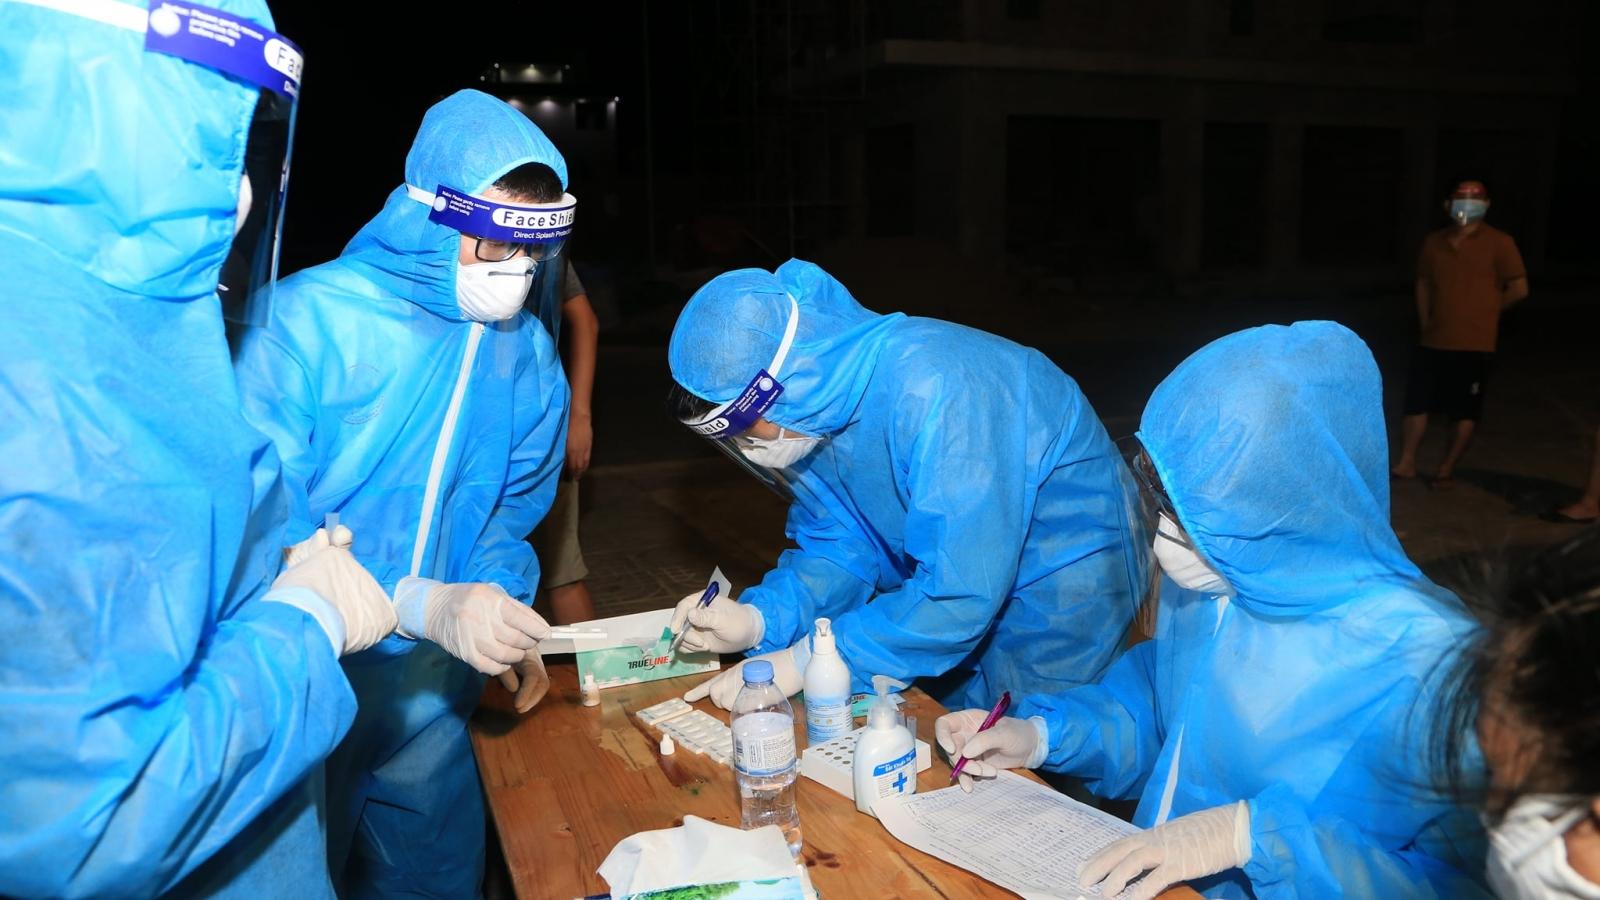 Ngày 27/7, Việt Nam có gần 8.000 ca mắc COVID-19, riêng TP.HCM 6.318 ca